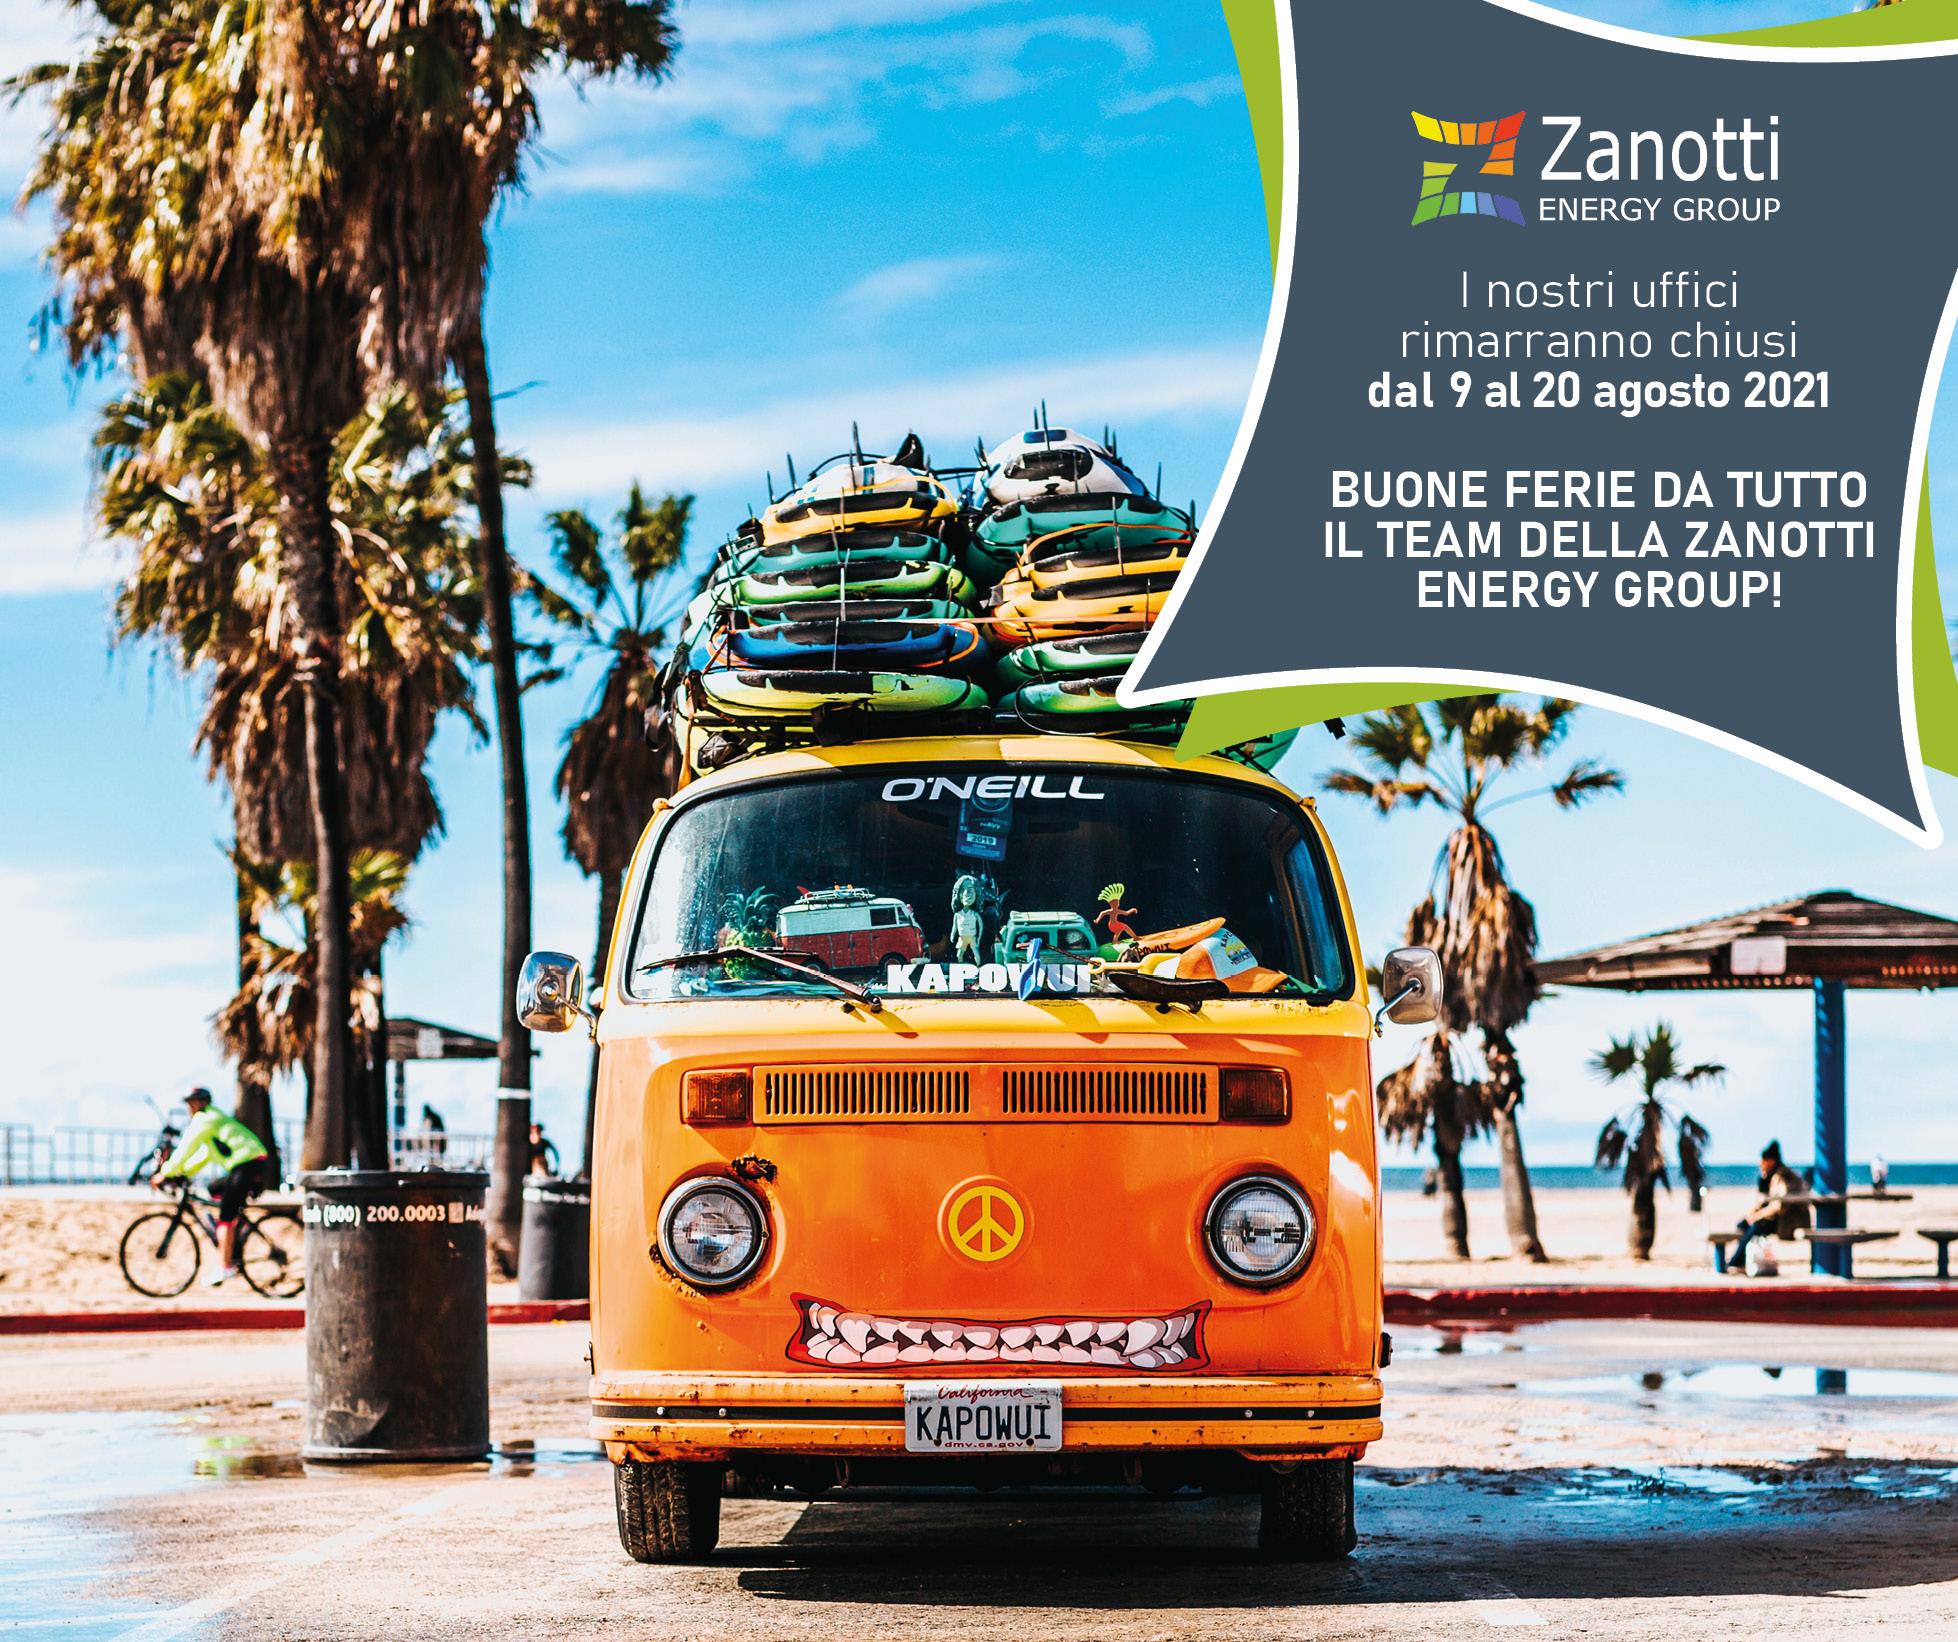 Chiusura estiva Zanotti Energy Group: BUONE FERIE!